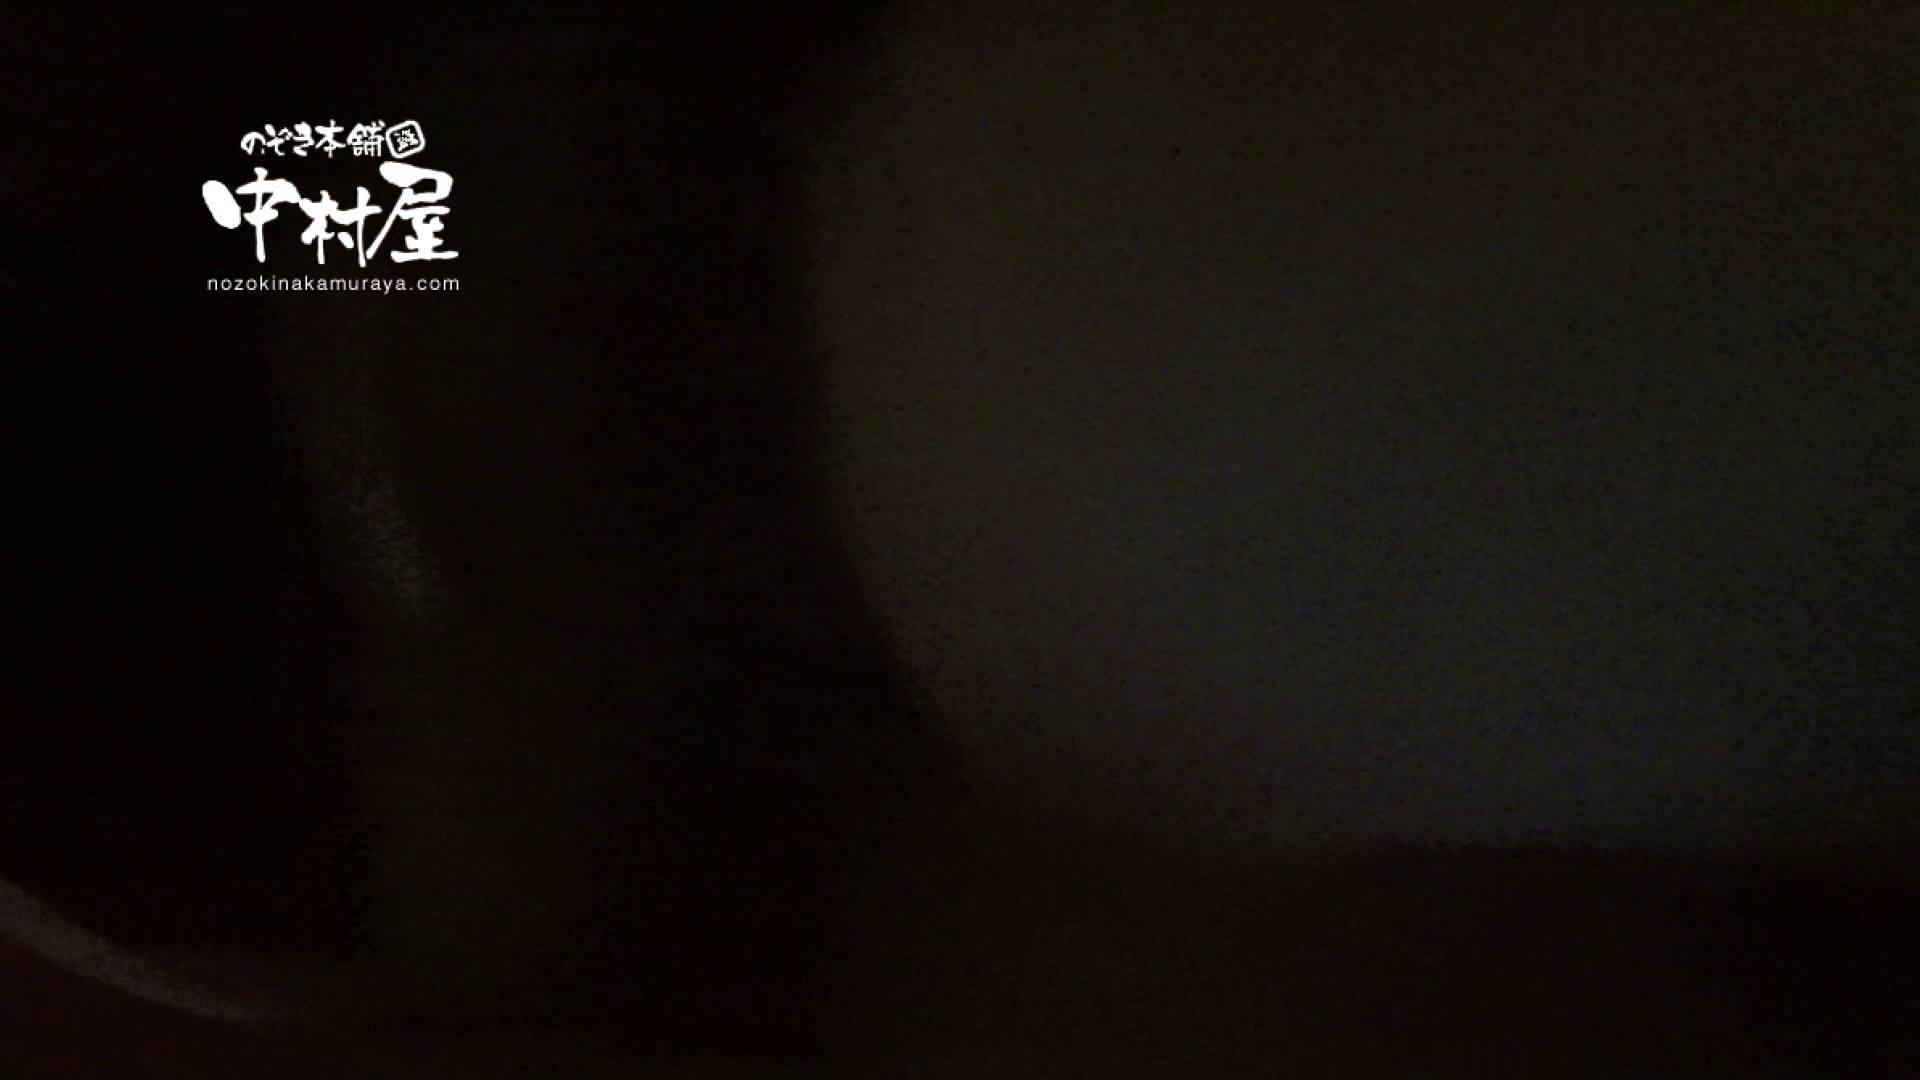 鬼畜 vol.08 極悪!妊娠覚悟の中出し! 後編 鬼畜  97pic 3